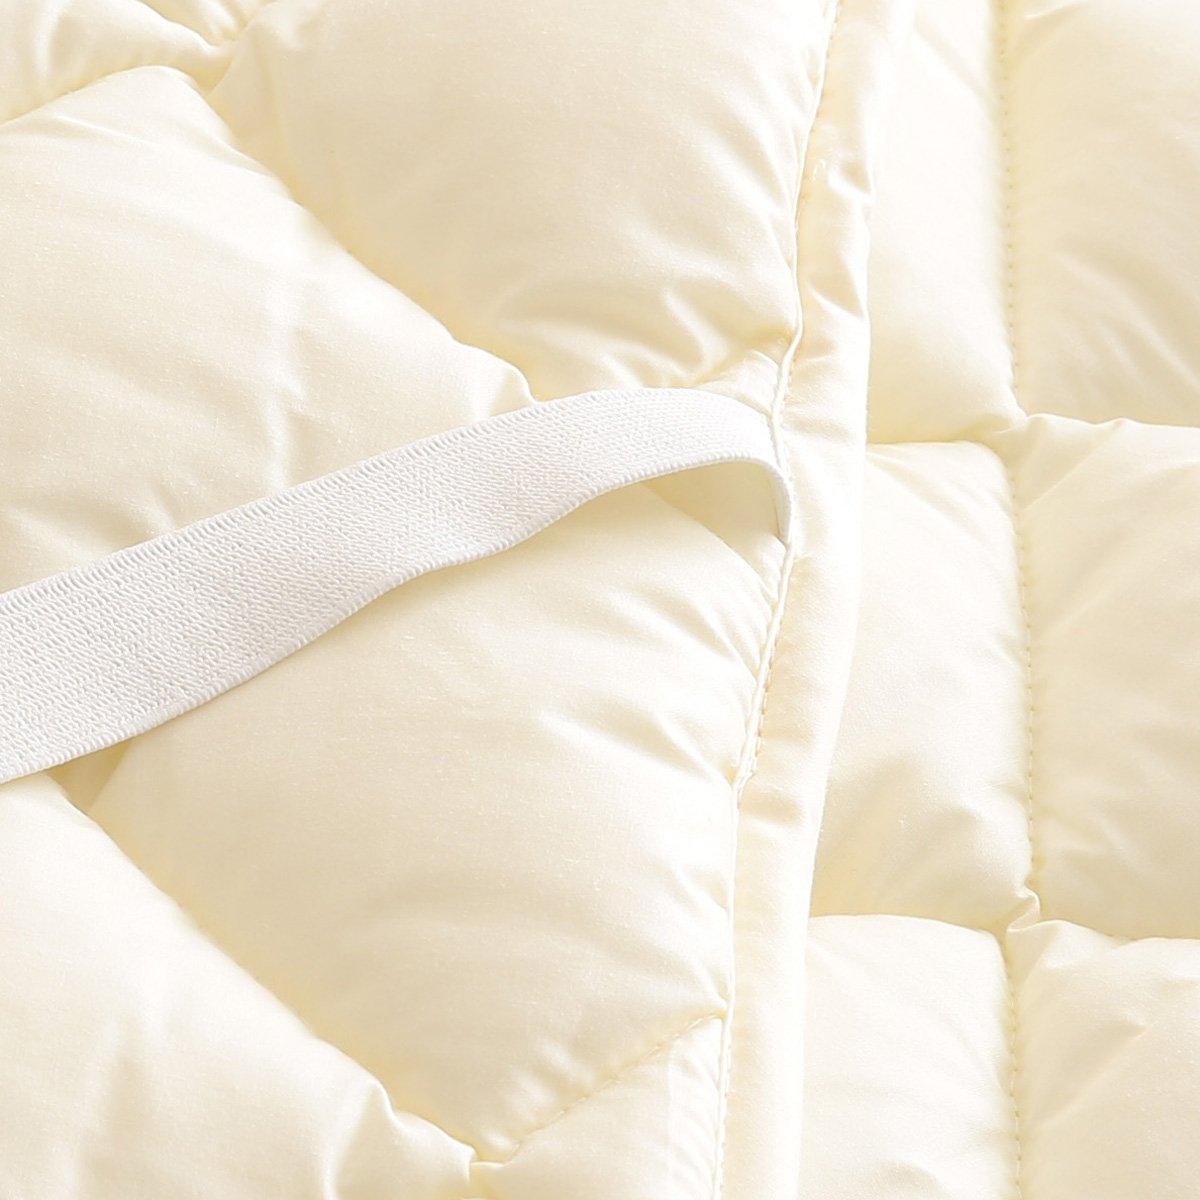 ベッドパッド マイティトップ2Q アイボリー160×200 クィーン B07KFT382W